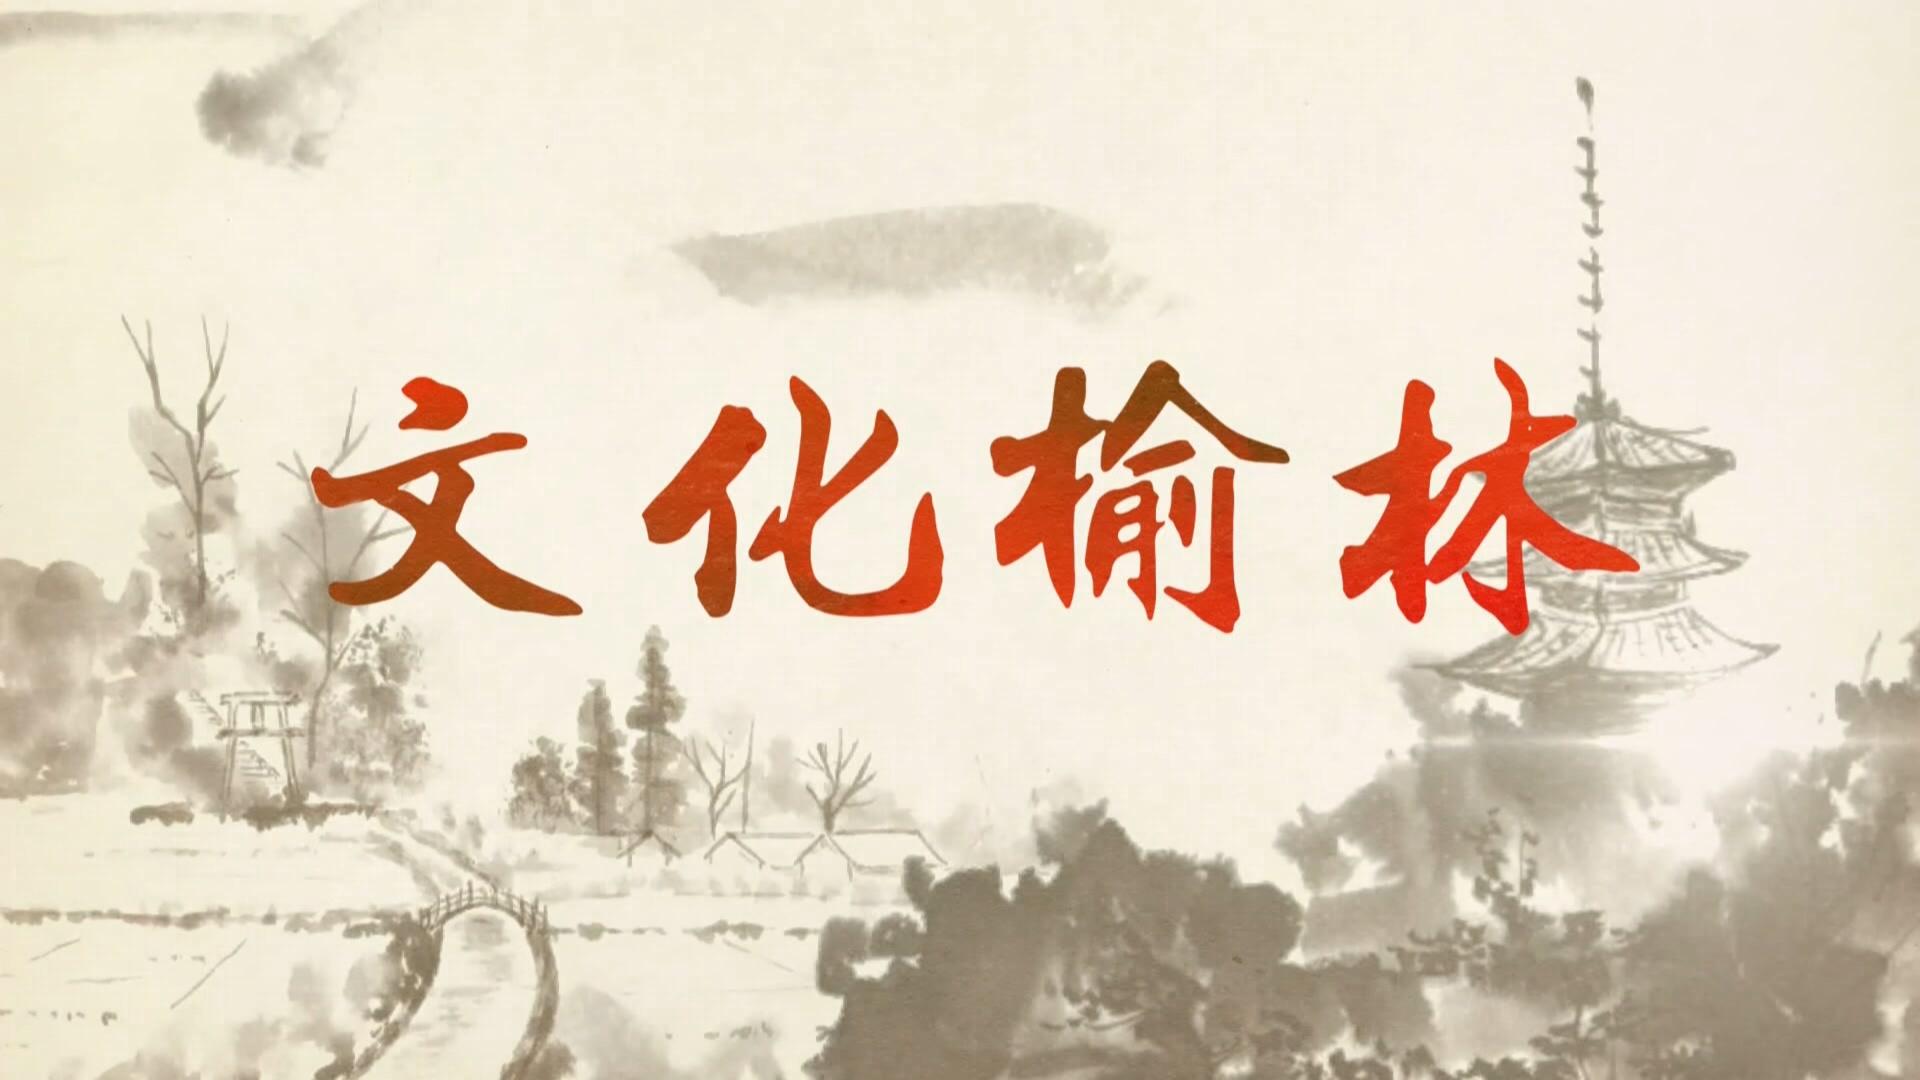 【文化榆林】榆林非遺之陜北剪紙(下)